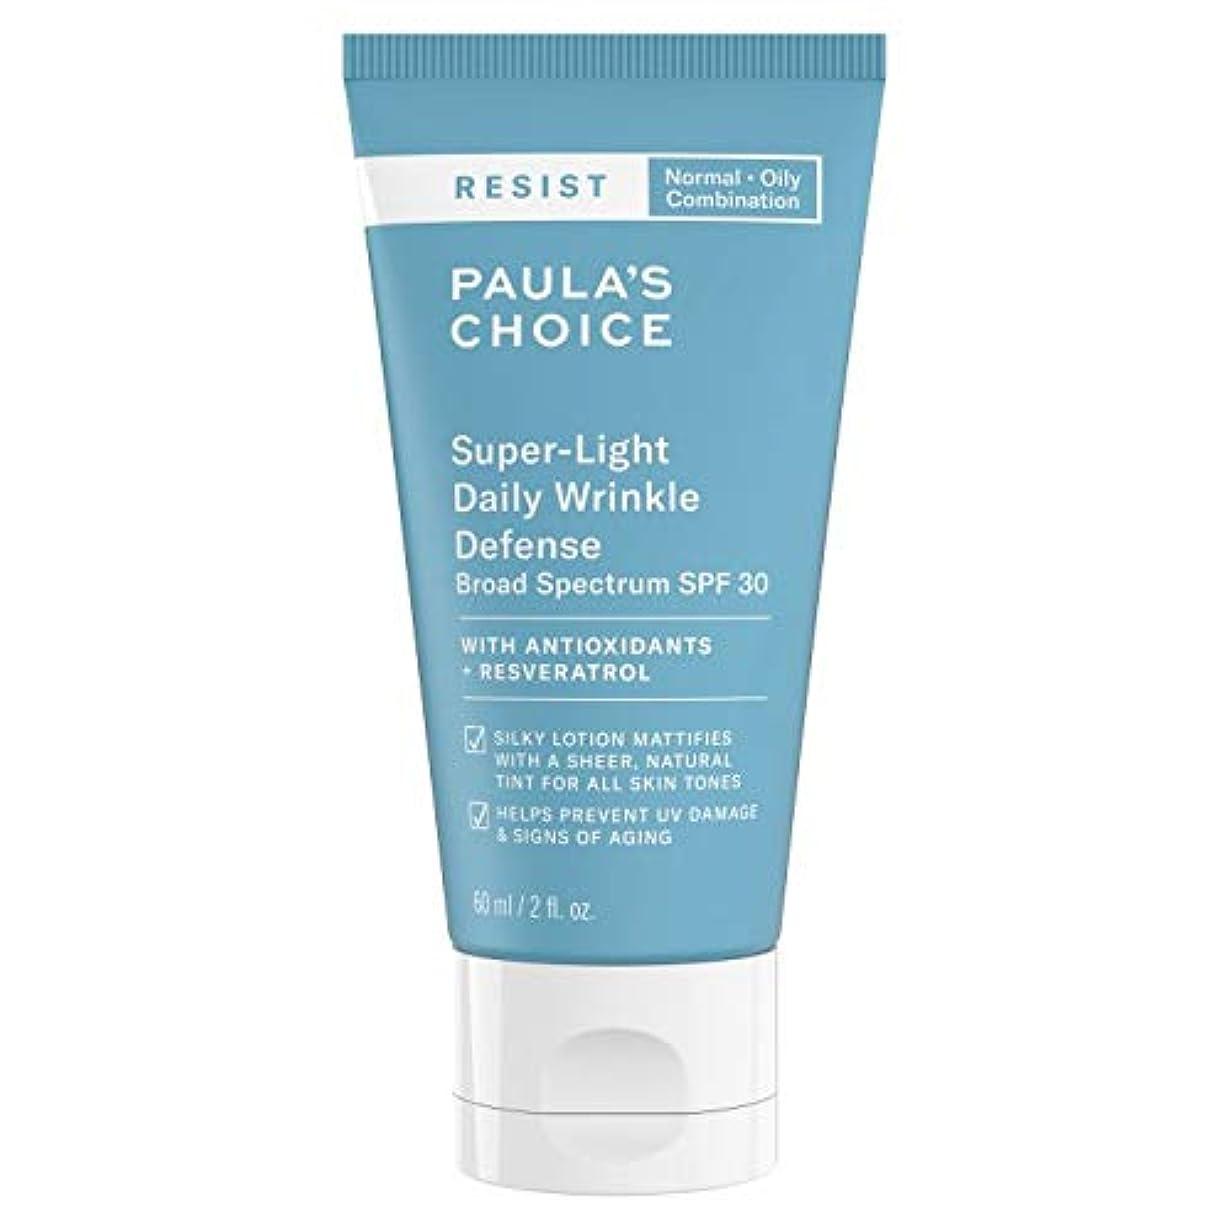 膨らませる牛邪魔ポーラチョイス レジスト スーパーライト 毎日のしわの防衛 サンスクリーン (60ml) SPF30 / Paula's Choice Resist Super-Light Daily Wrinkle Defense Sunscreen